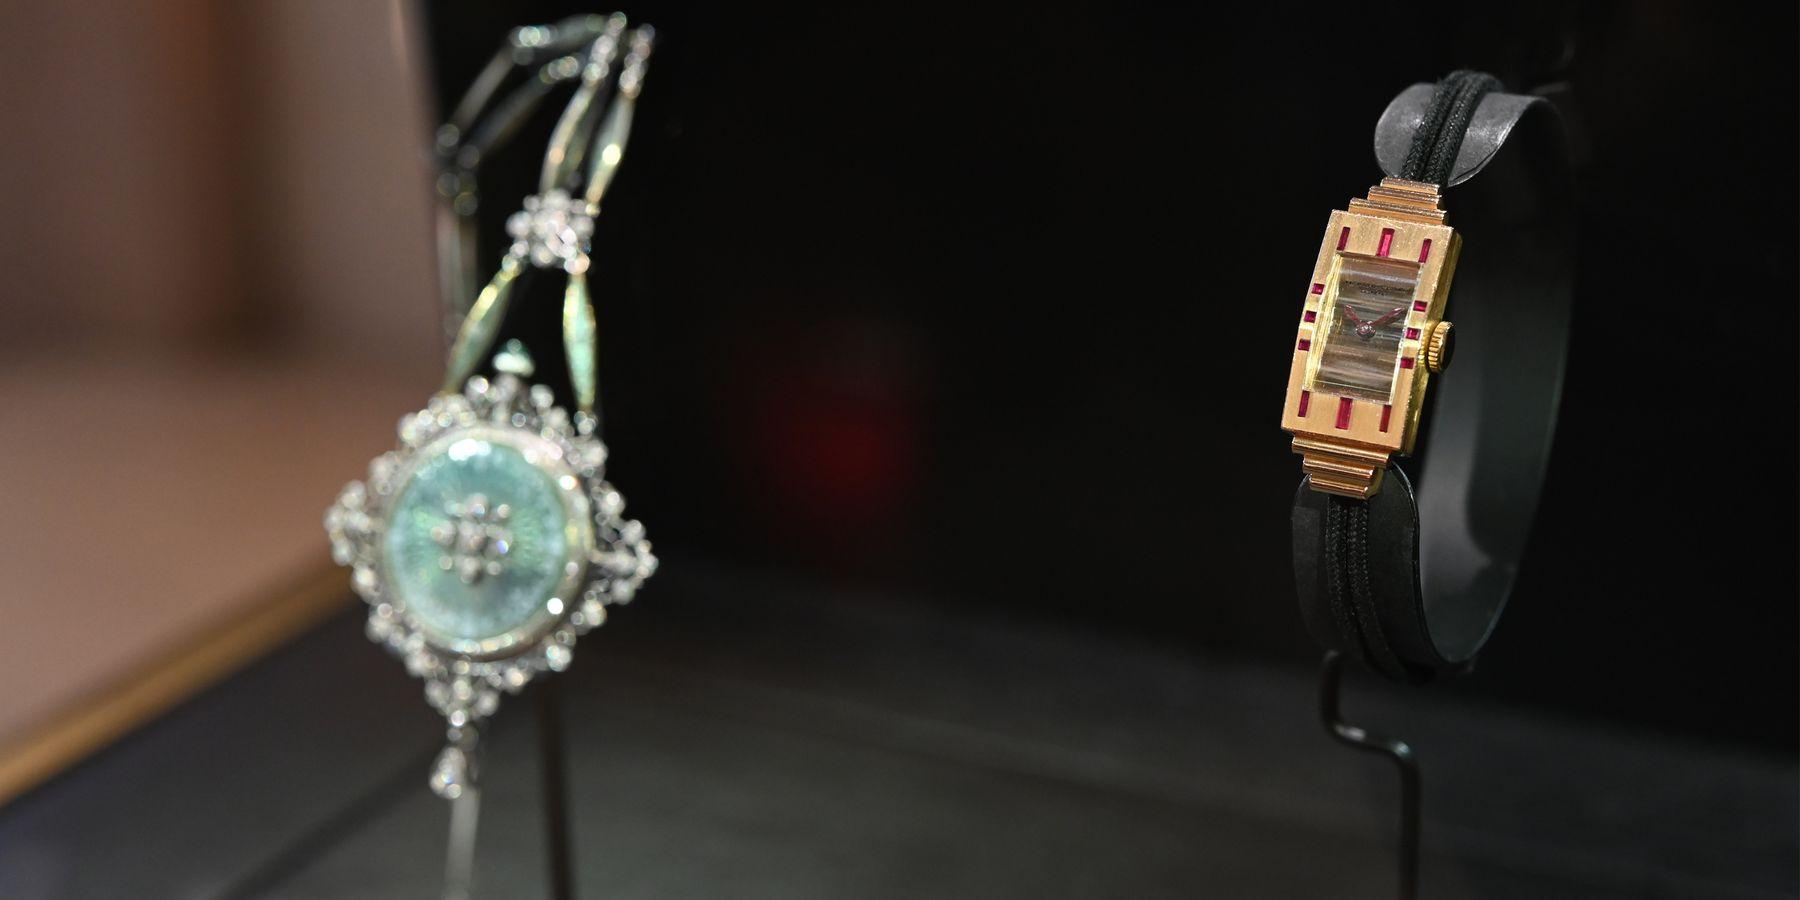 原來從前的貴婦戴這種錶?!江詩丹頓101古董錶展